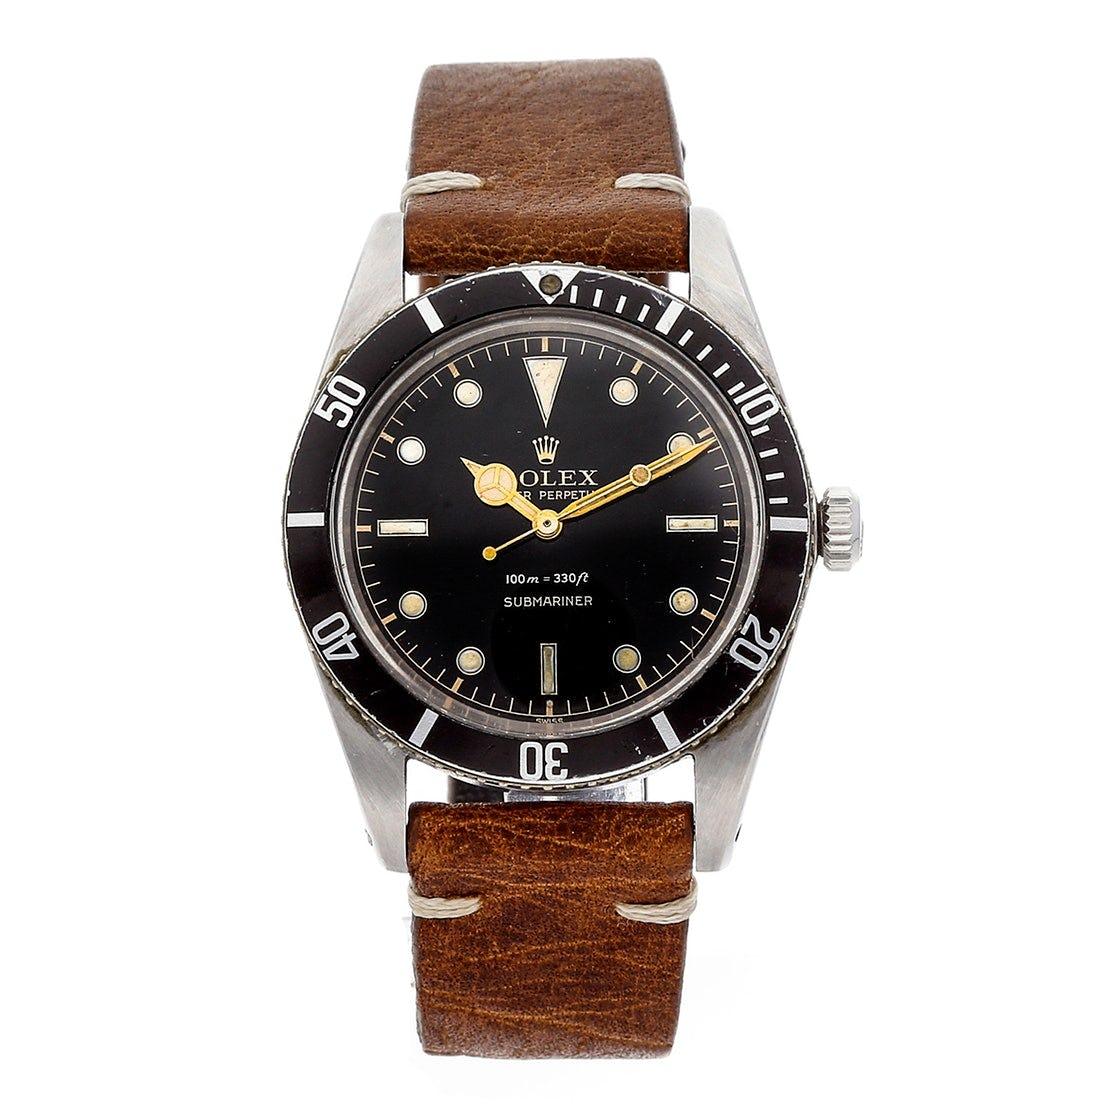 Vintage Rolex Submariner 5508: Licensed to Thrill